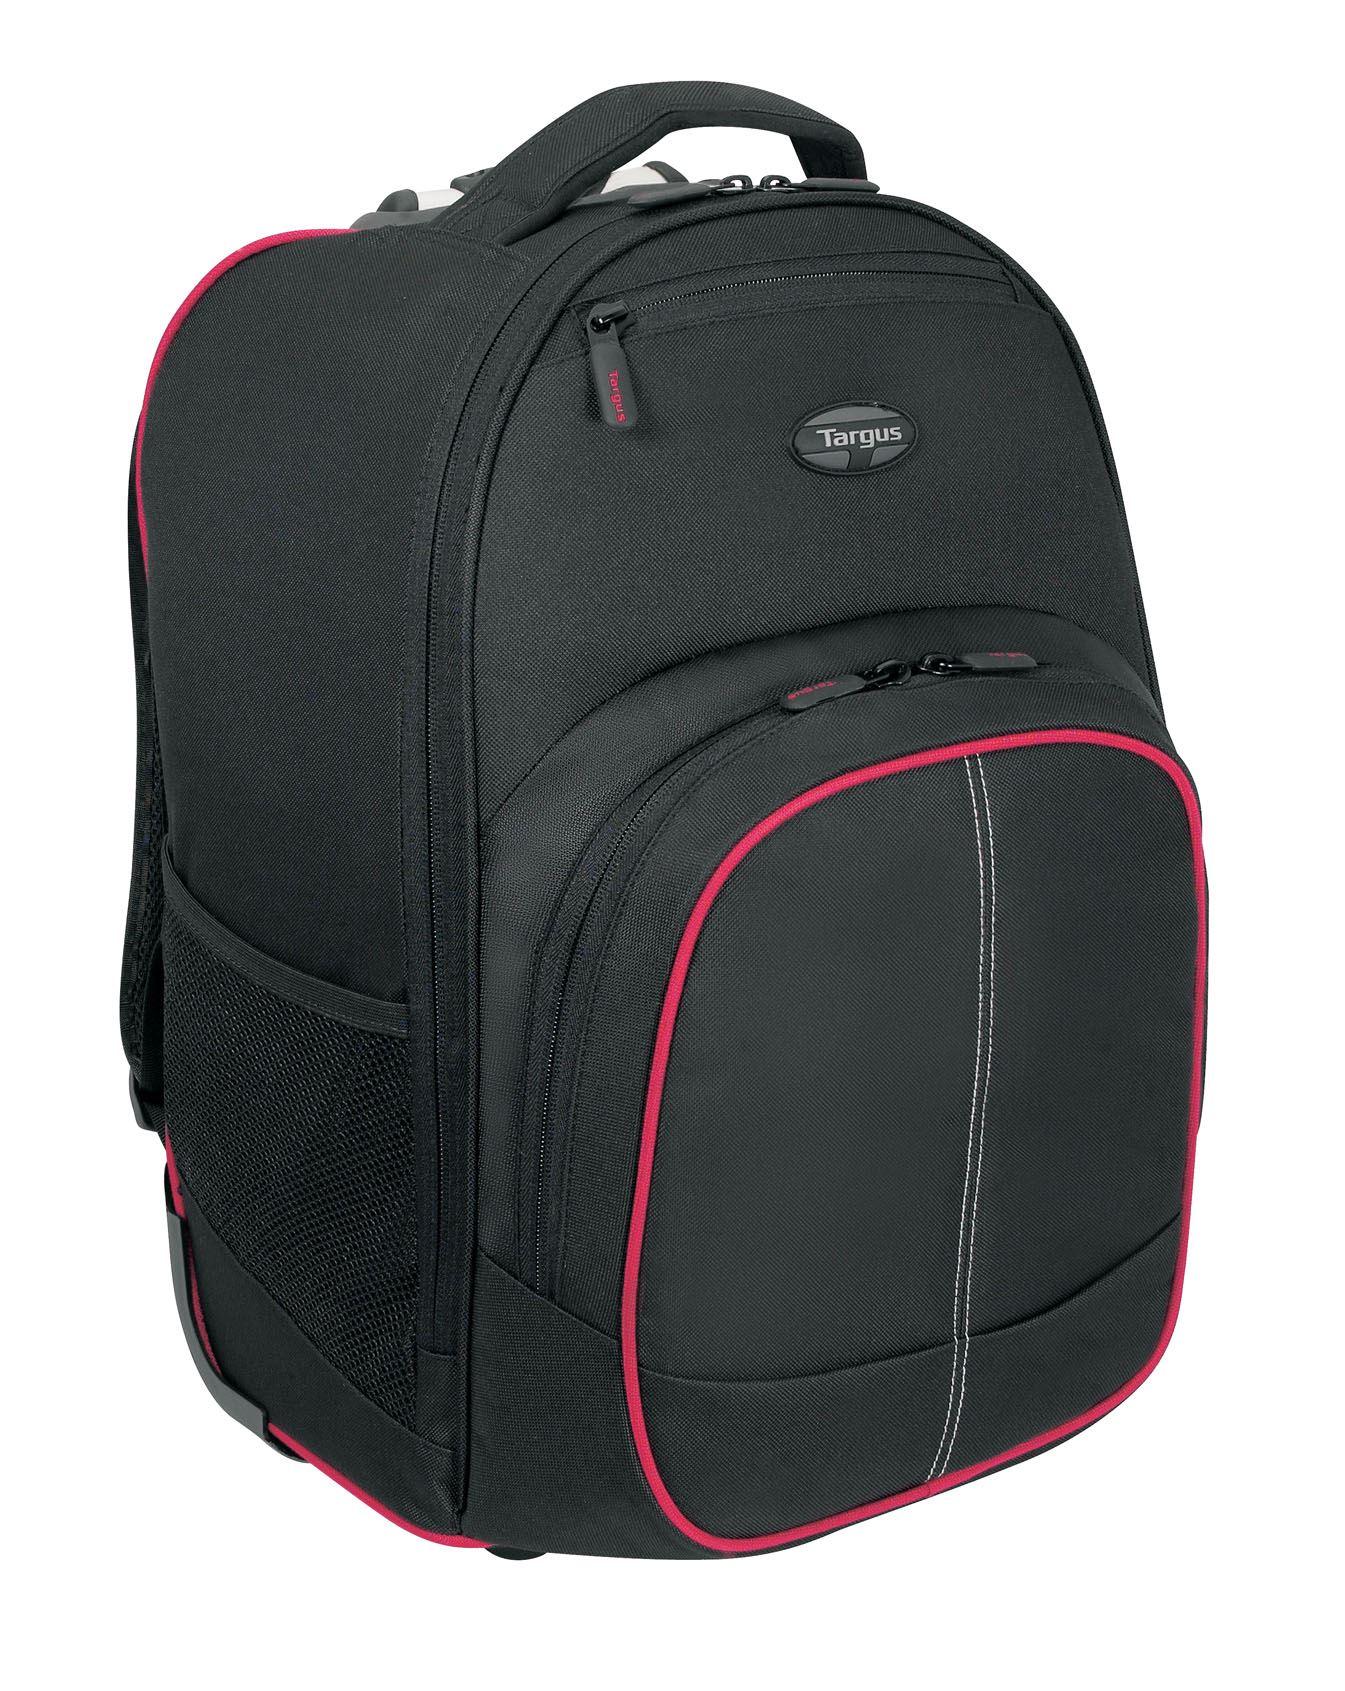 fbf7efbf458a Trolley Laptop Bag Singapore- Fenix Toulouse Handball